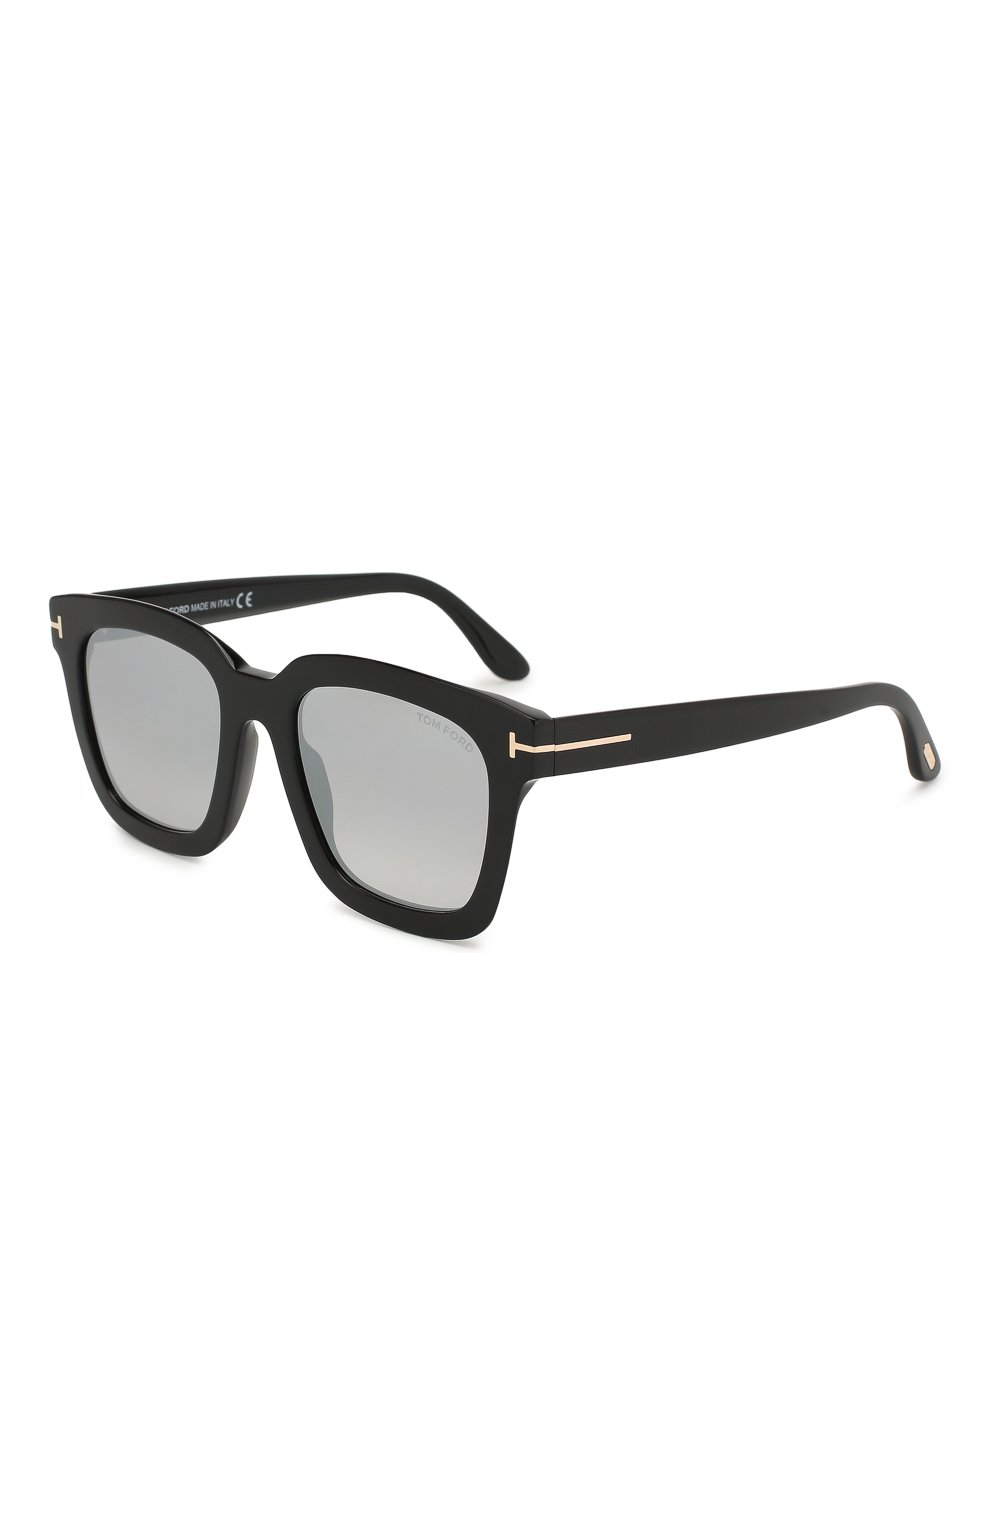 Женские солнцезащитные очки TOM FORD черного цвета, арт. TF690 01C | Фото 1